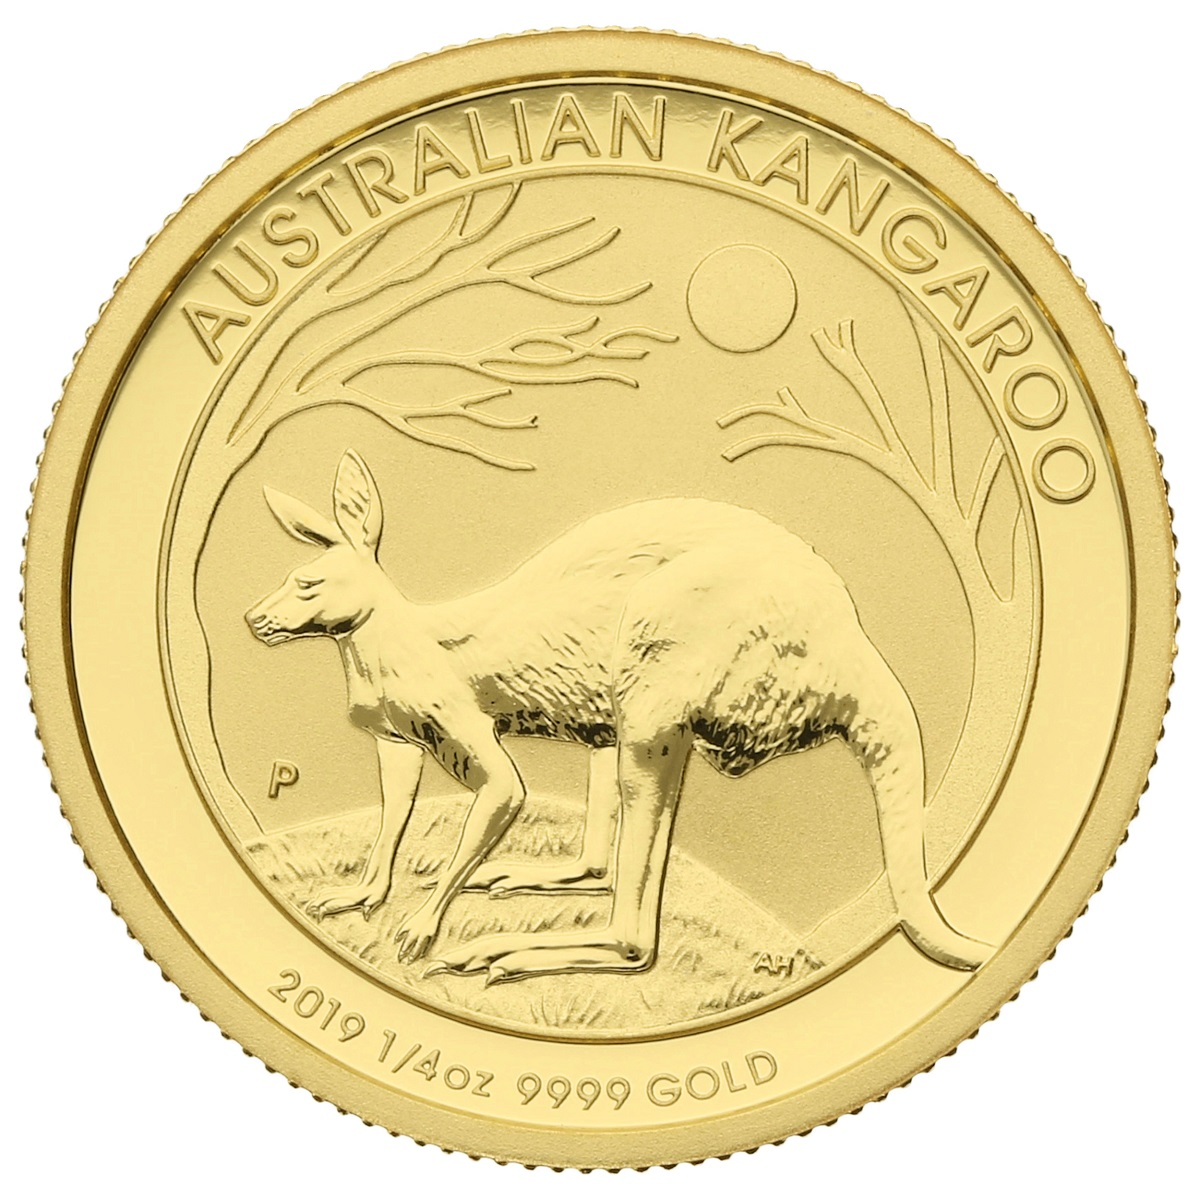 2019 Quarter Ounce Gold Australian Nugget